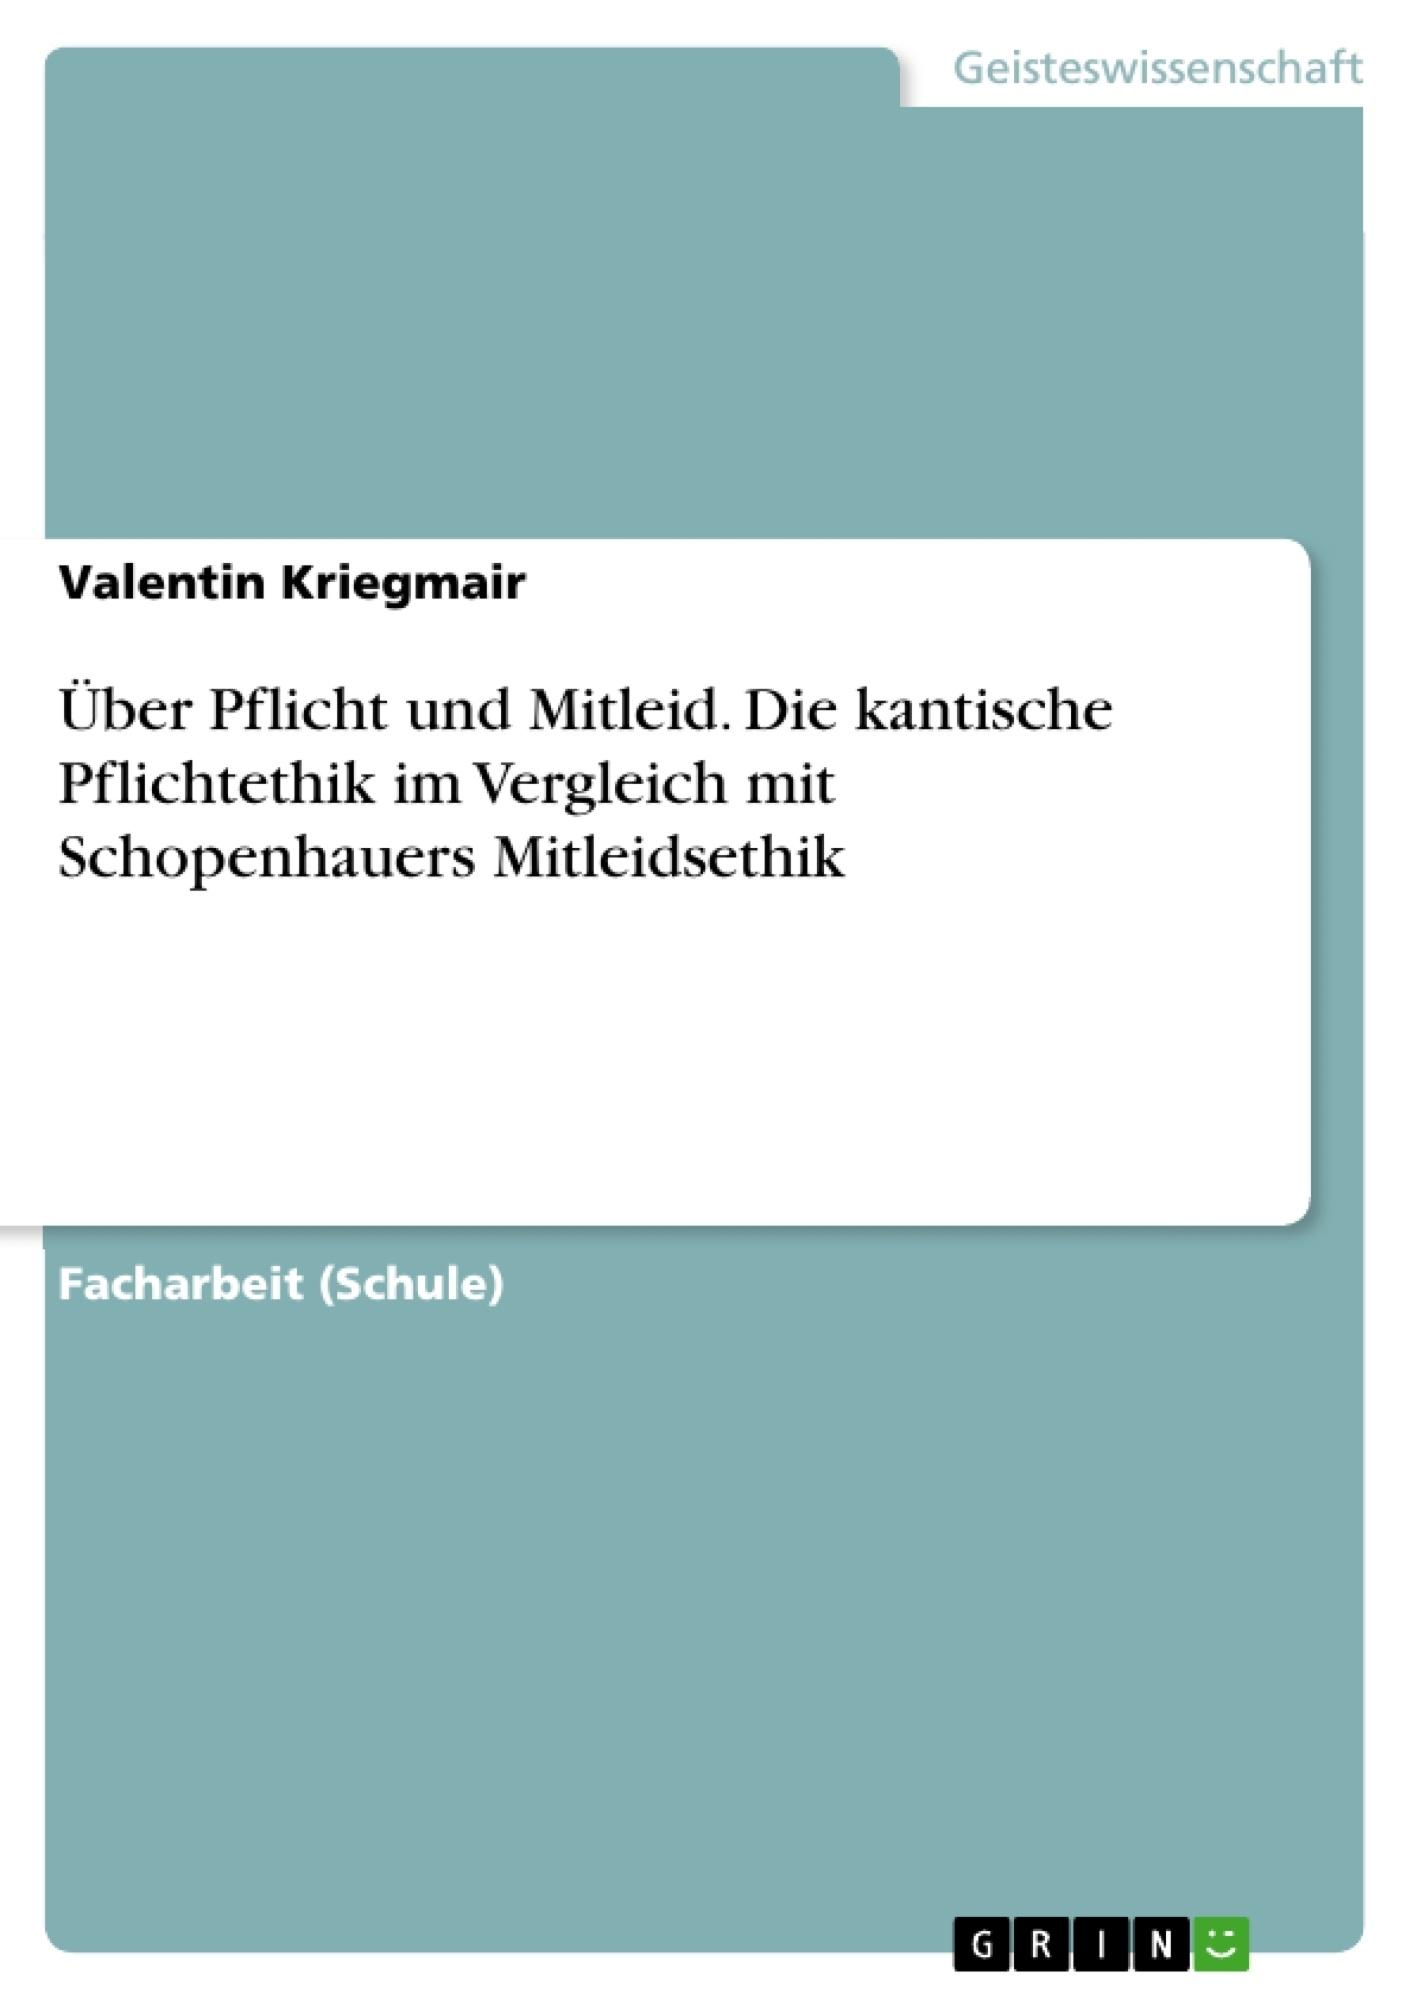 Titel: Über Pflicht und Mitleid. Die kantische Pflichtethik im Vergleich mit Schopenhauers Mitleidsethik